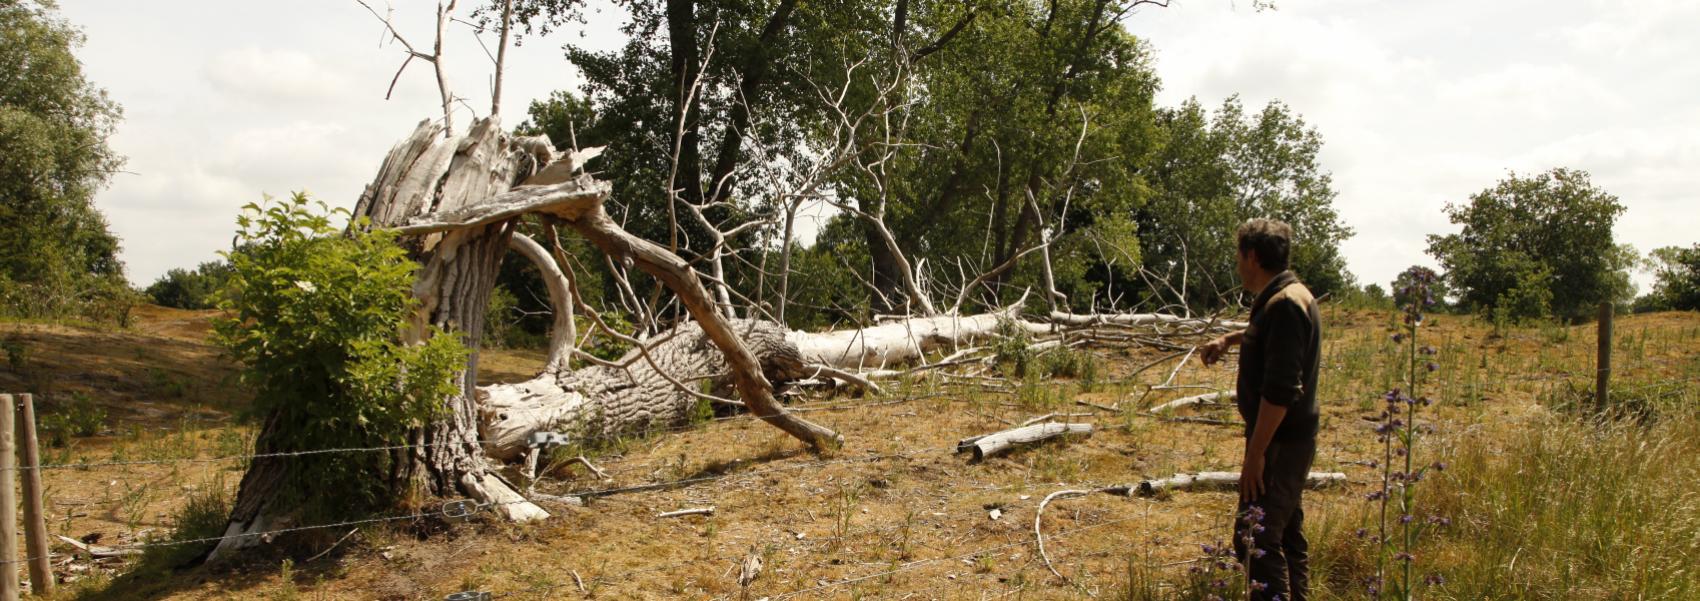 boswachter bekijkt dode omgevallen boom